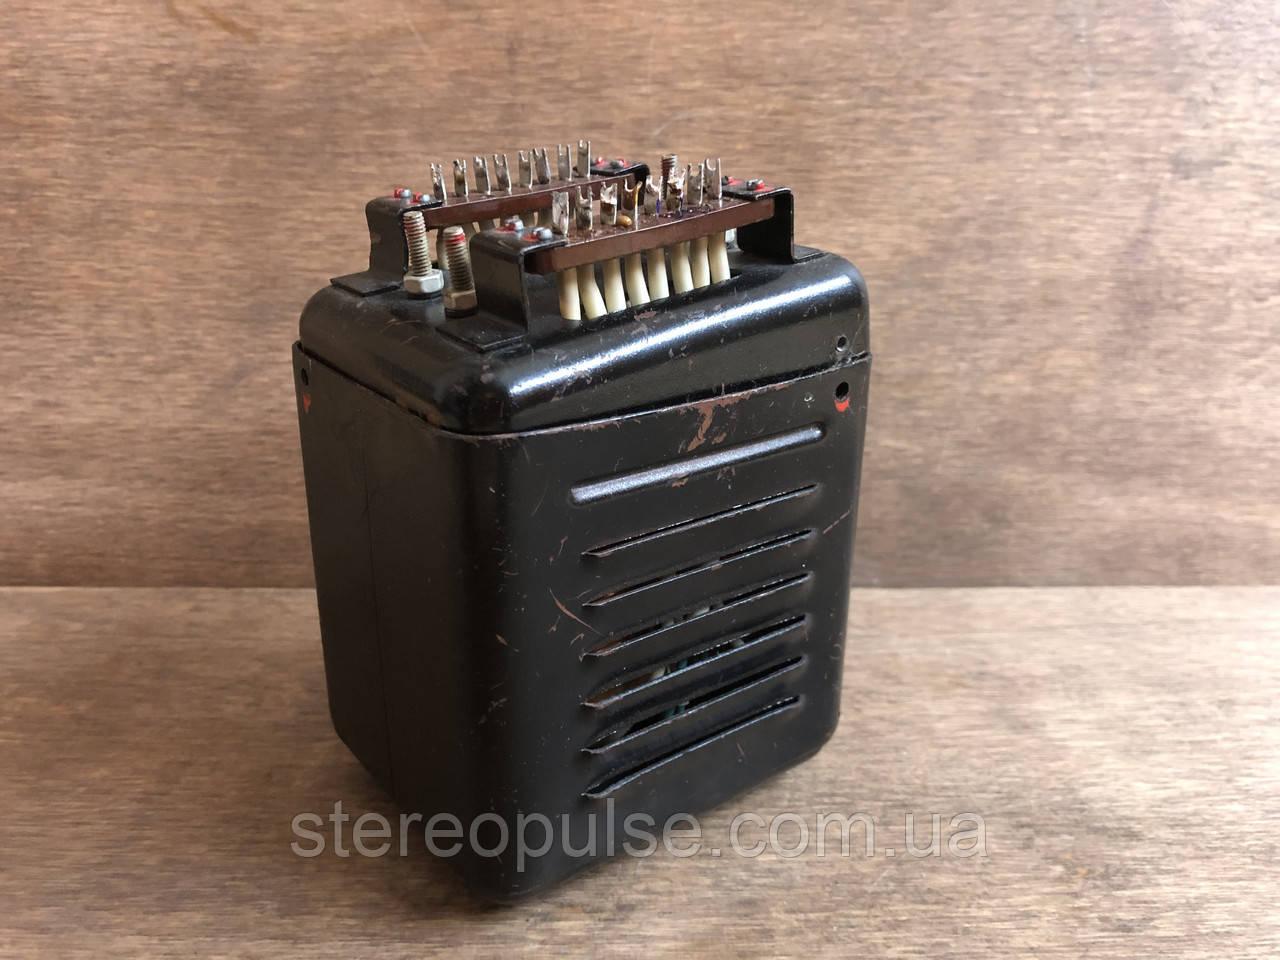 Трансформатор 220 В/ 110 В